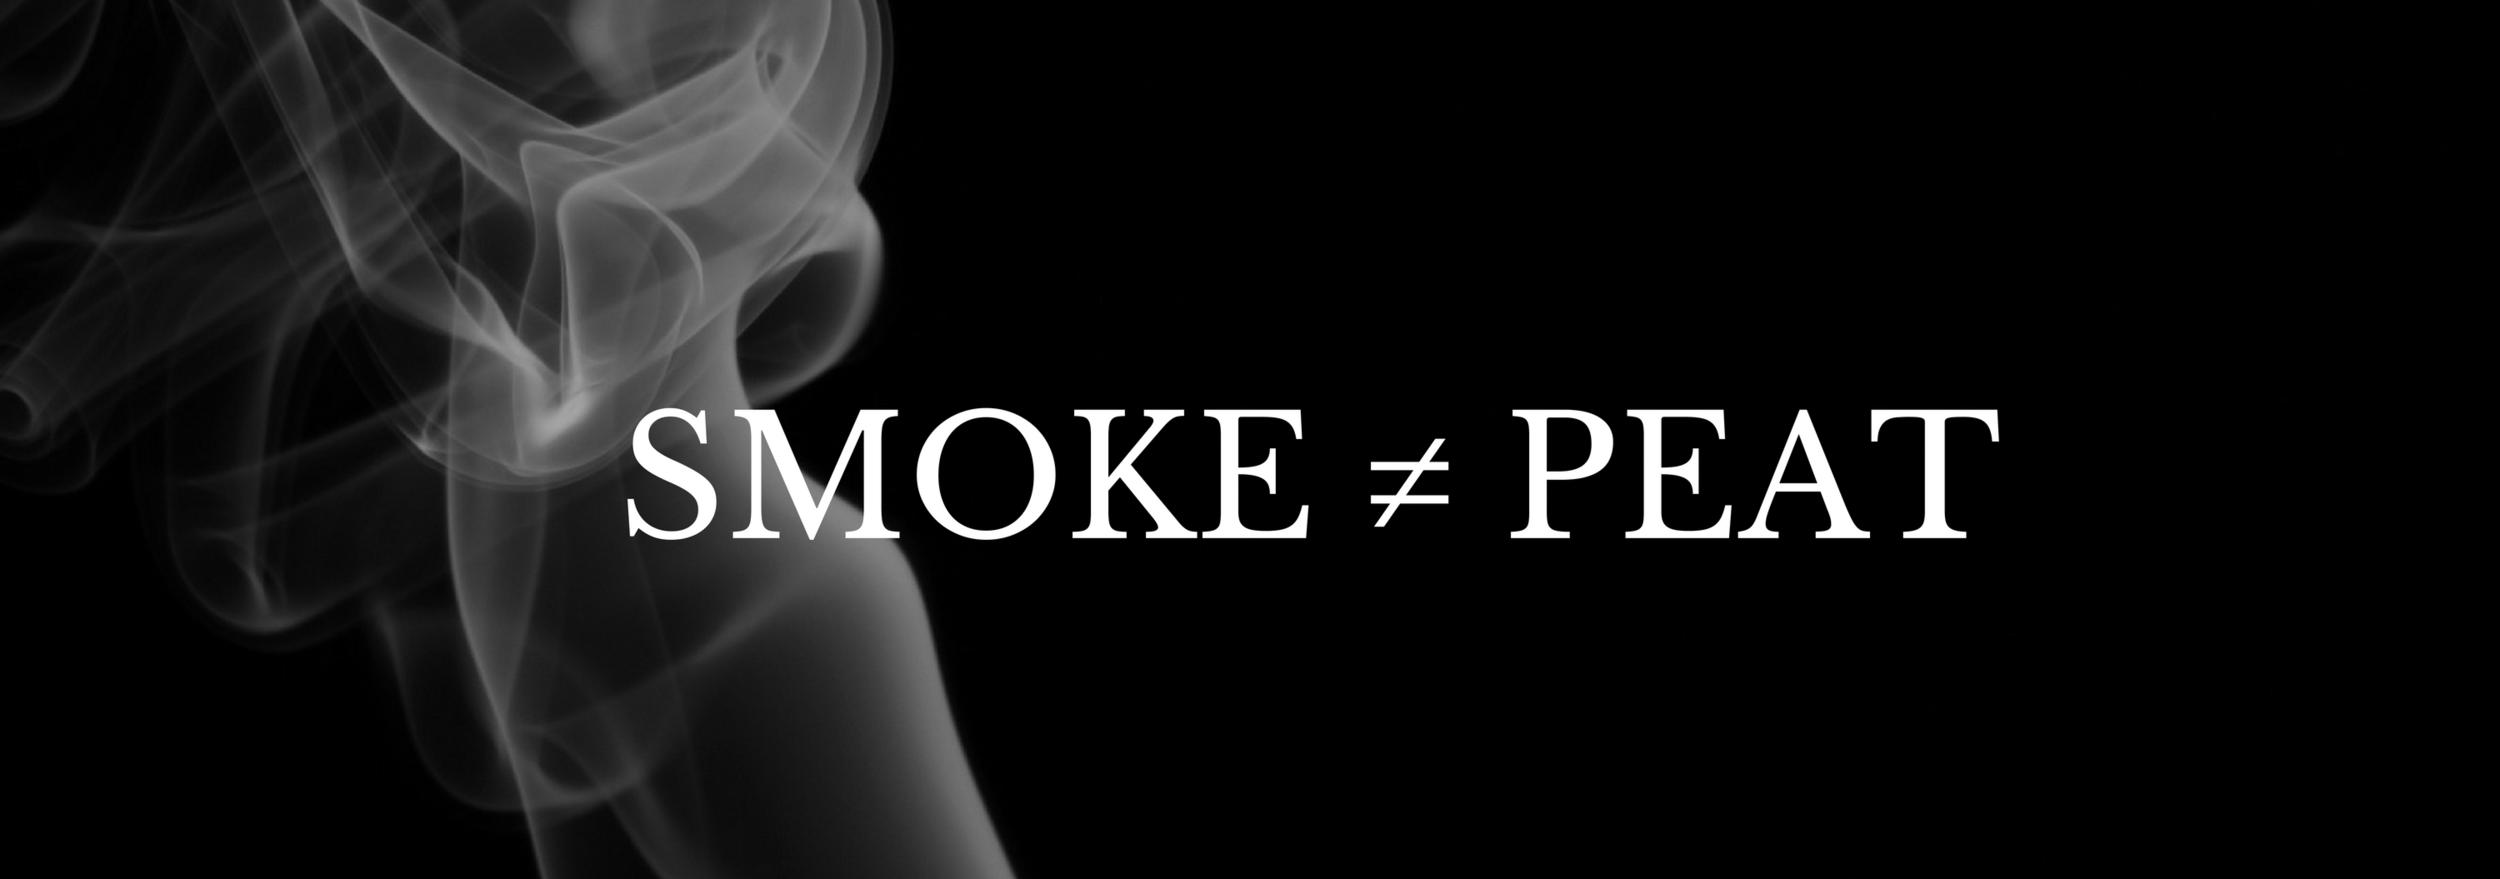 smoke-peat-1.png